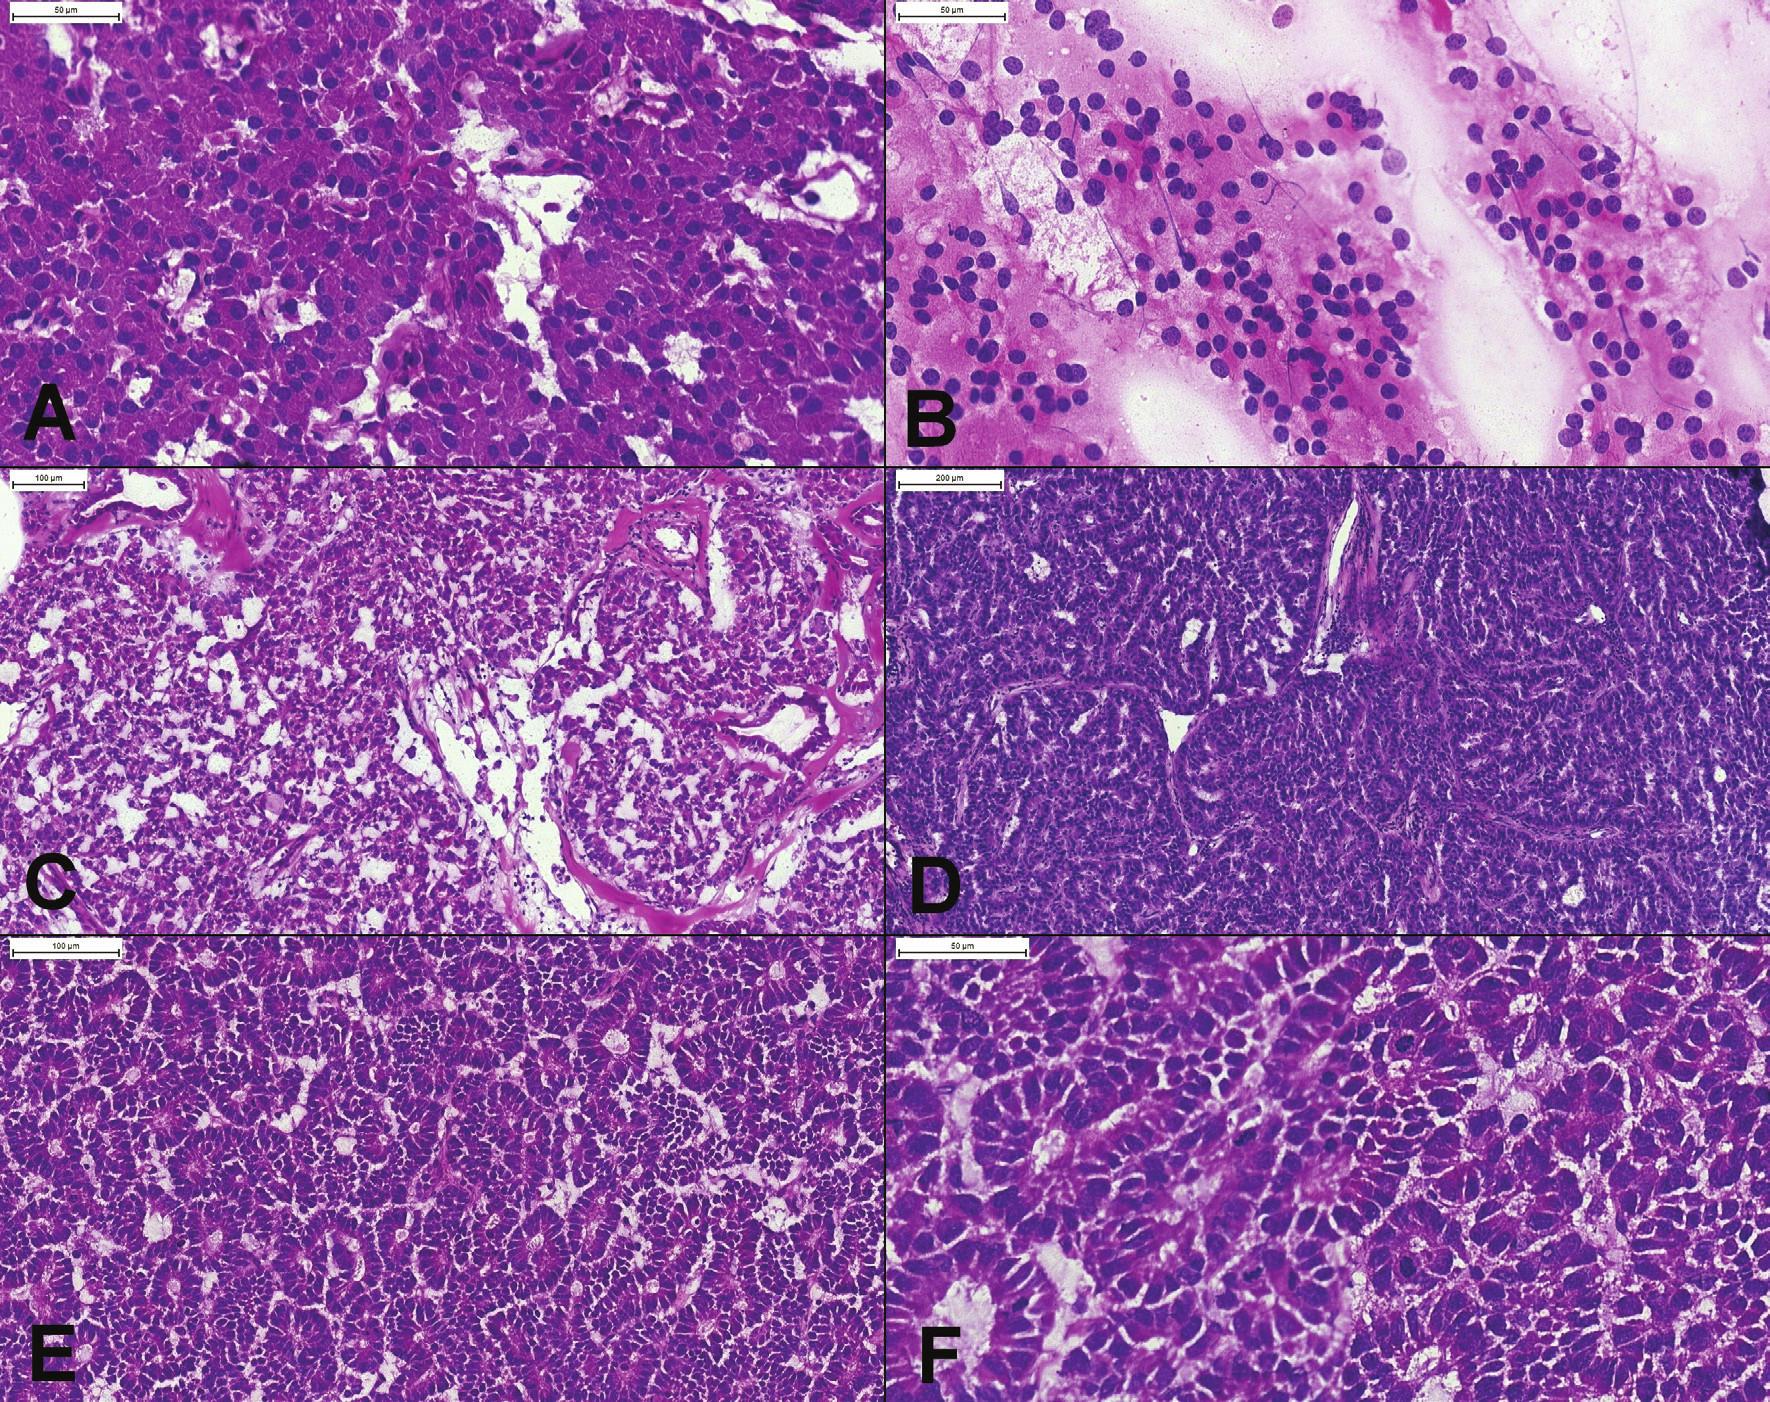 (A) Prevažne solídne rastúci dobre diferencovaný neuroendokrinný tumor, tvorený bunkami s eozinofilnou cytoplazmou, uniformnými okrúhlymi excentricky umiestnenými jadrami, bez mitóz. (B) Peroperačný cytologický náter potvrdzujúci diagnózu – diskohezívna populácia blandných plazmocytoidných buniek s blandným chromatínom, bez nápadnejších jadierok. (C, D) Pseudoglandulárne, trabekulárne a acinárne usporiadanie niektorých NET-ov môže spôsobiť diagnostické ťažkosti. Podobnú architektoniku môže mať acinárny karcinóm. (E) Acinárny karcinóm pankreasu. Tumor má difúzne acinárne usporiadanie, s bazálne lokalizovanými jadrami. (F) Výrazná mitotická aktivita (6 mitóz v jednom poli) je v dobre diferencovaných NET-och vzácna. Prominentné jadierka typické pre acinárny karcinóm v zmrazenom reze neboli dobre viditeľné.